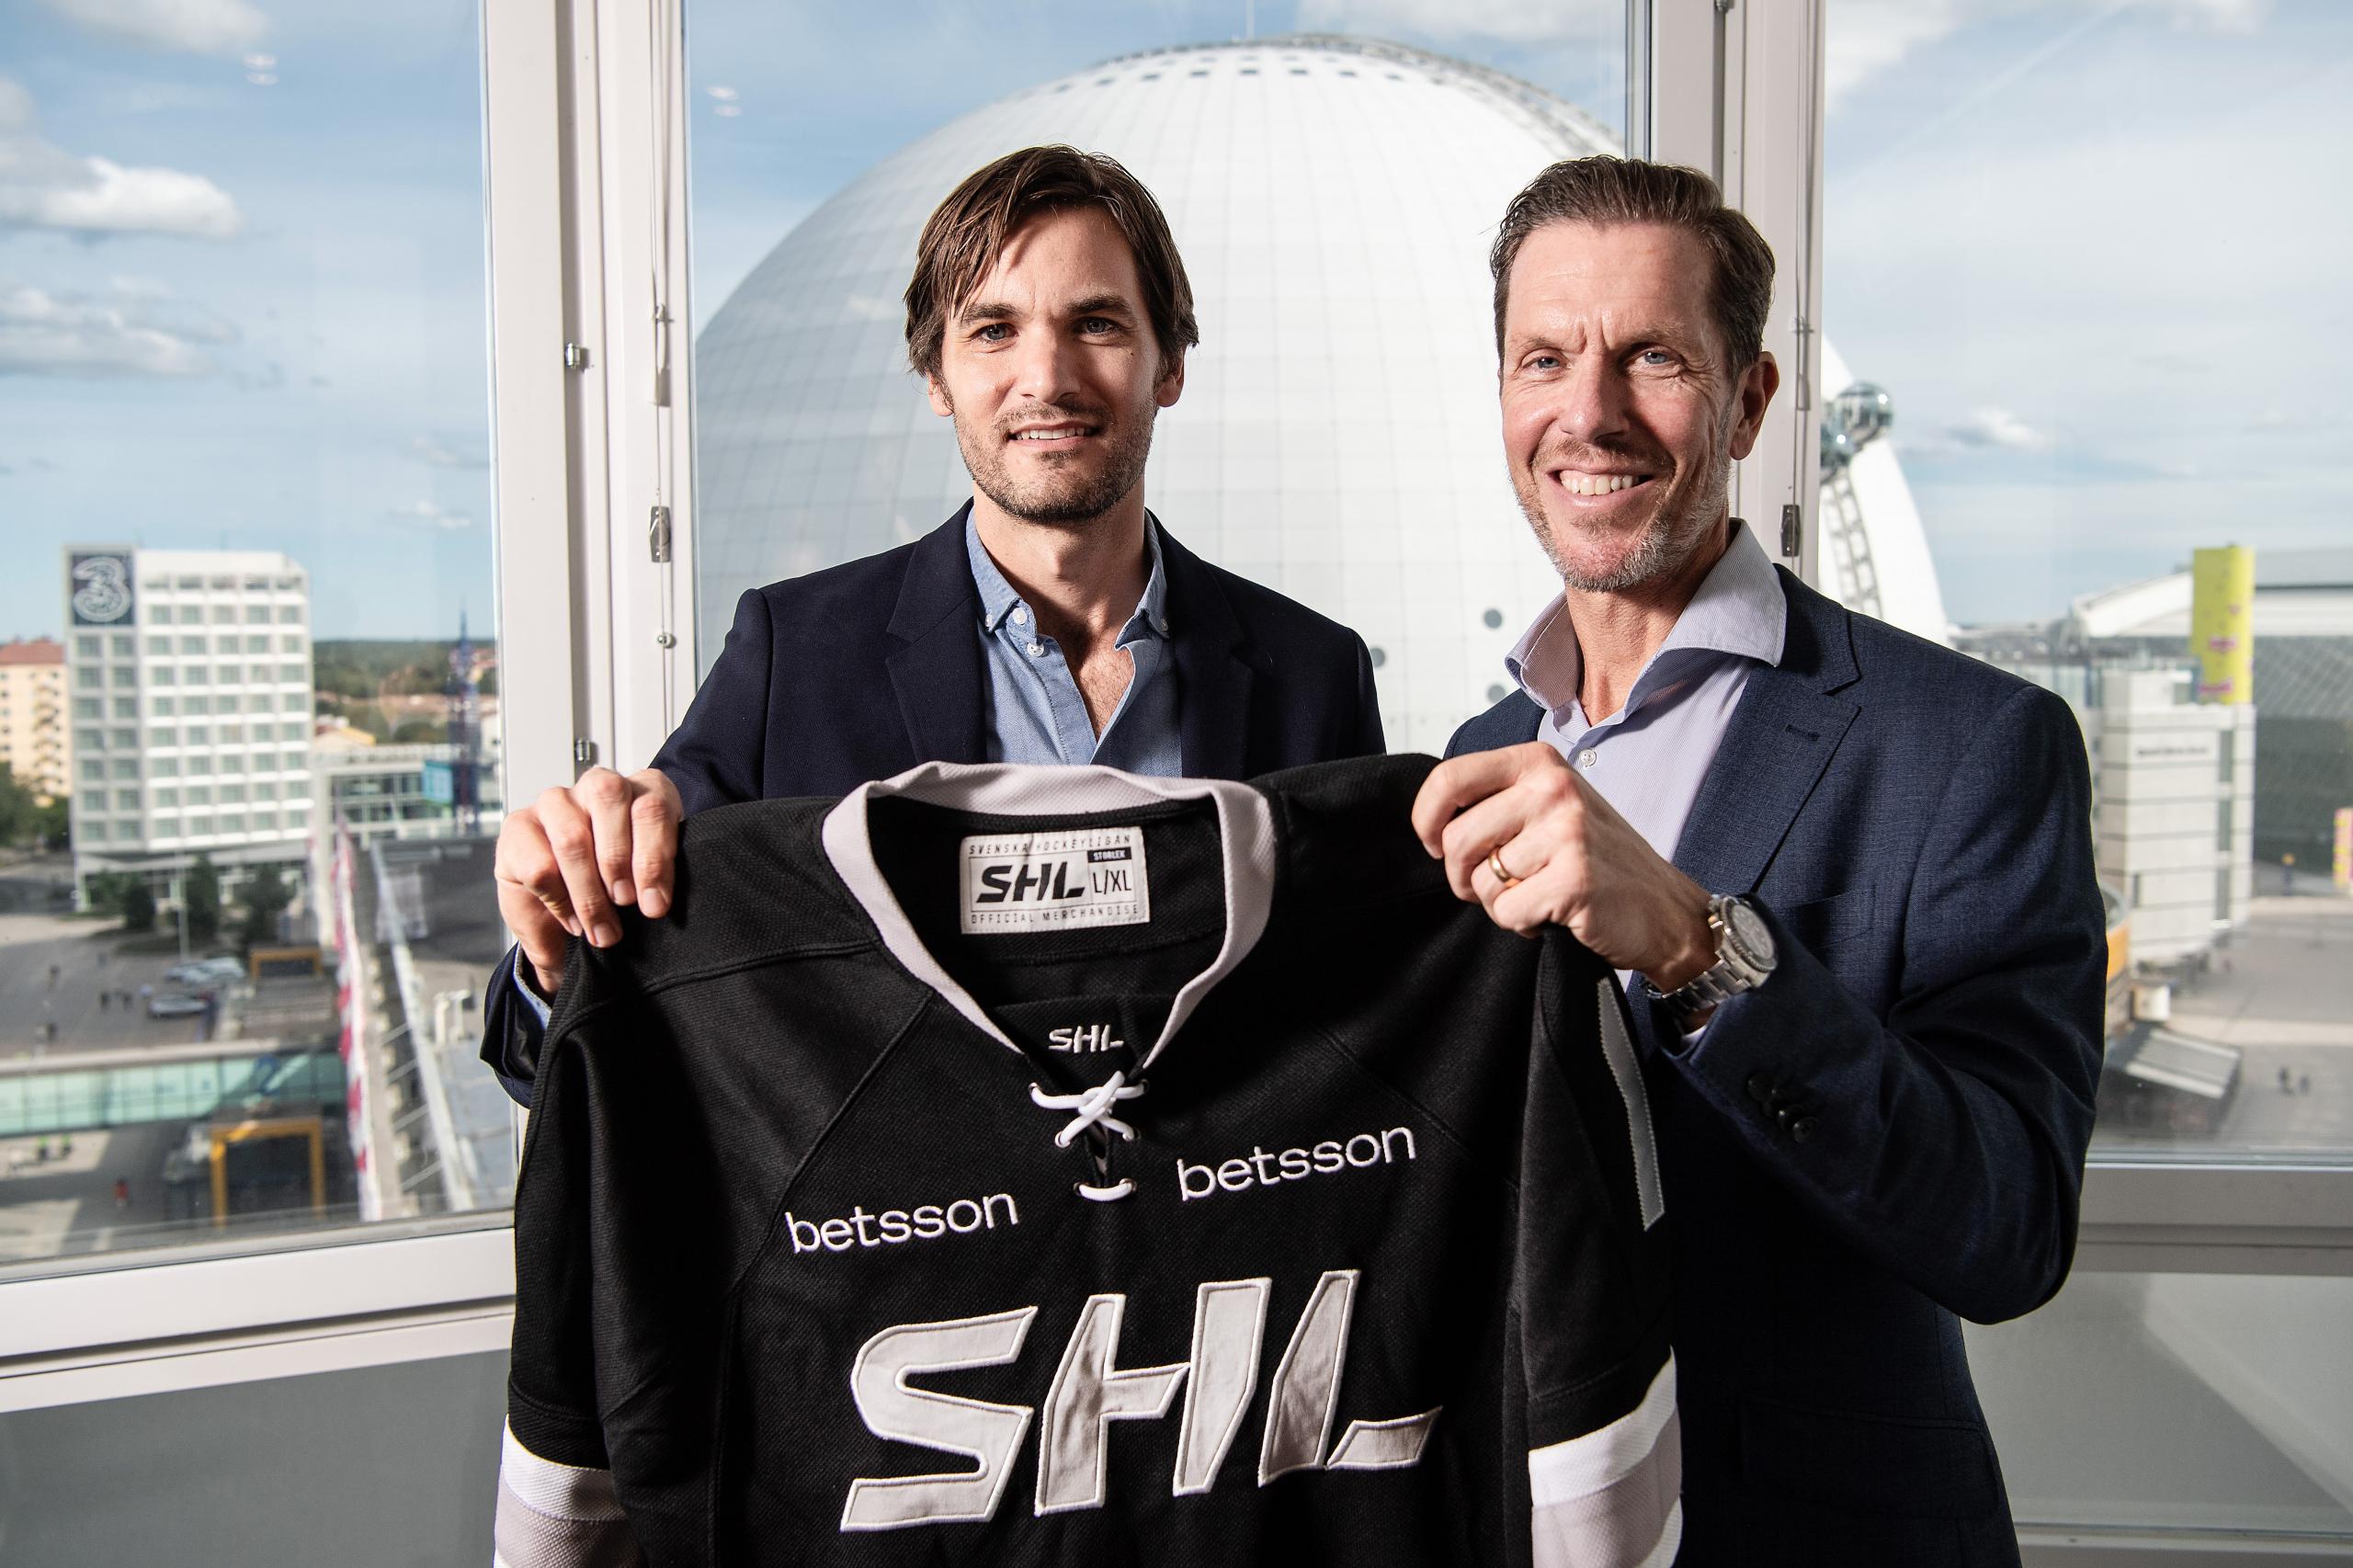 Fredrik Axling, Sponsorships & Partnerships Manager, Betsson